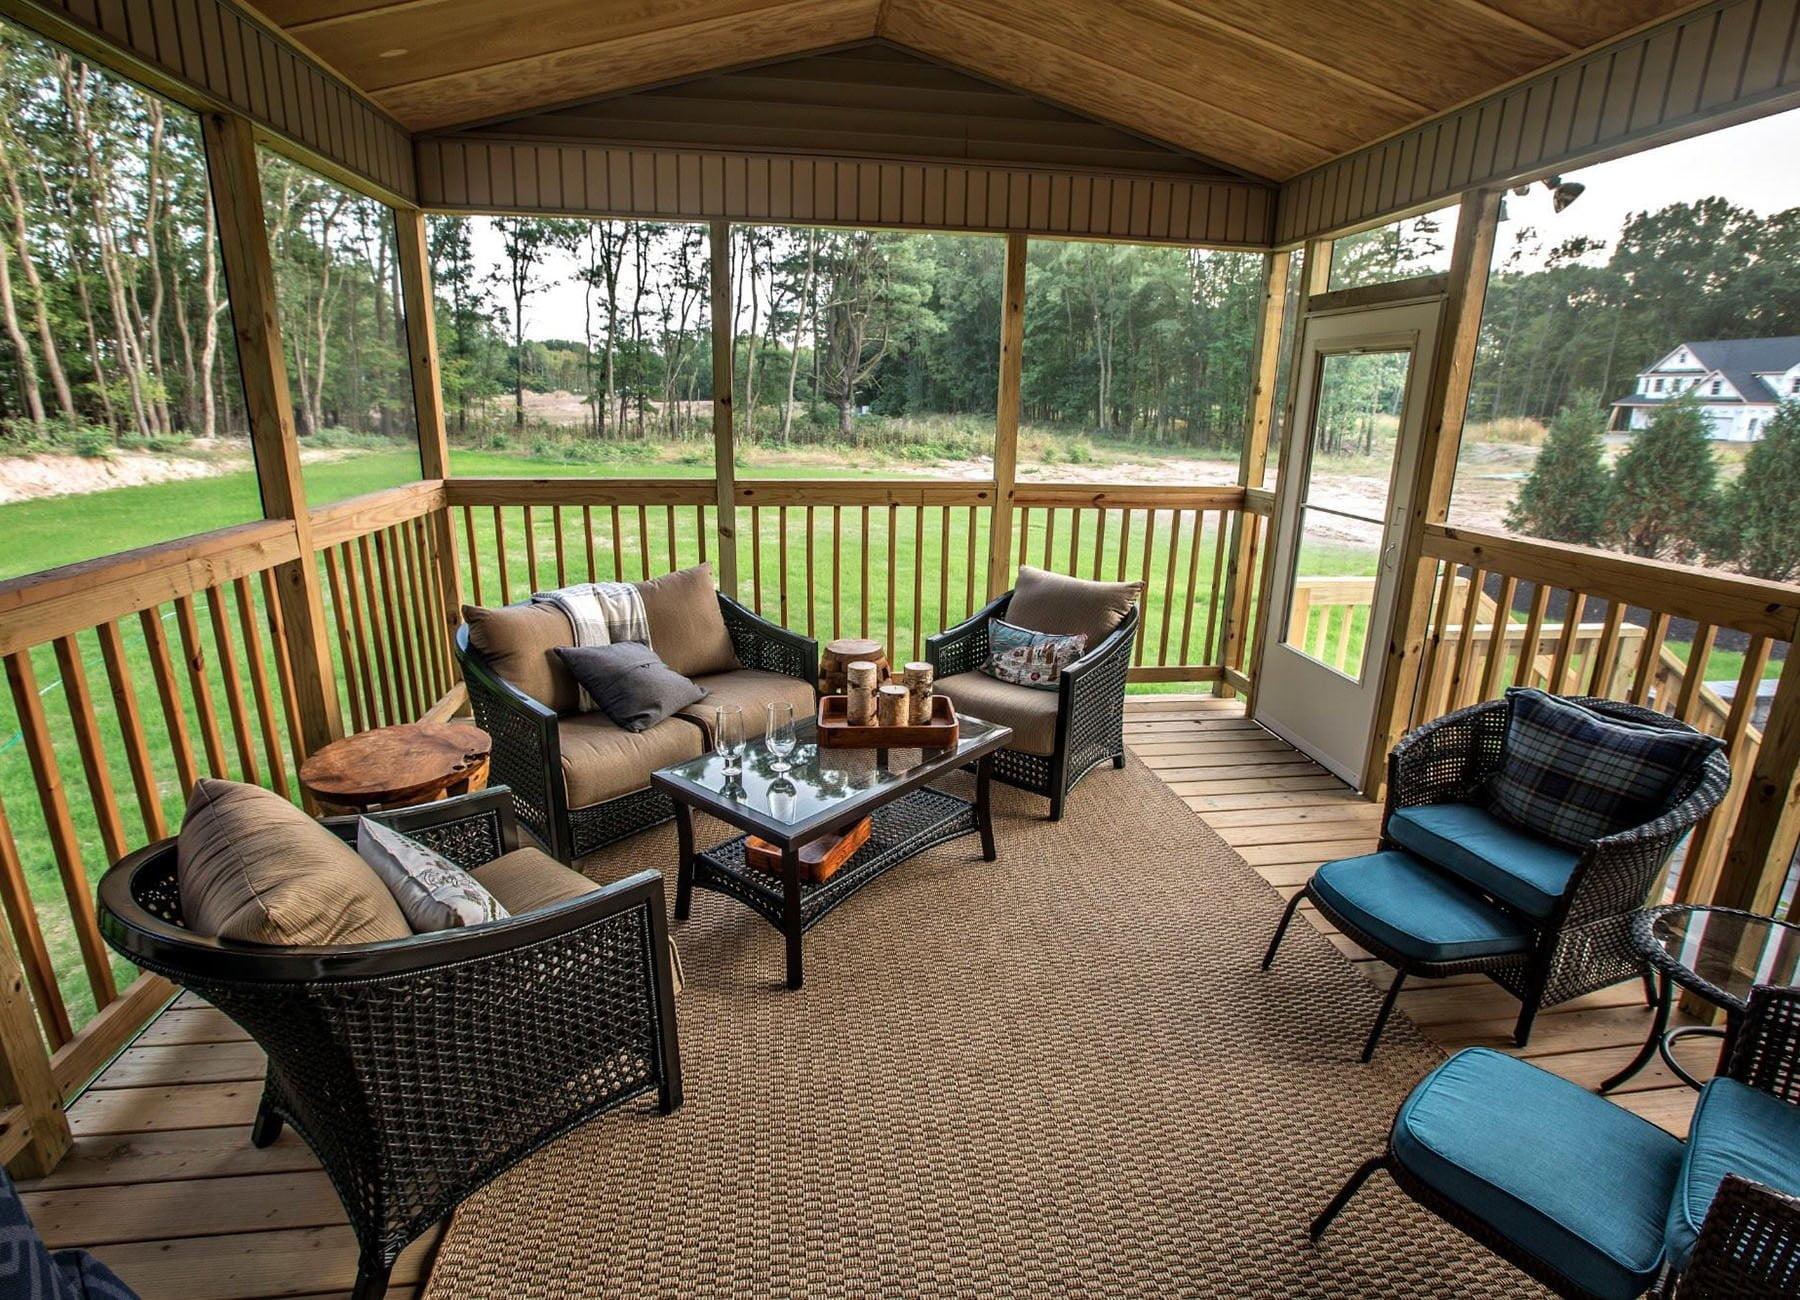 Heritage Home Builders New Home Construction in Ballston Lake, NY Saratoga County, NY & Clifton Park, NY (